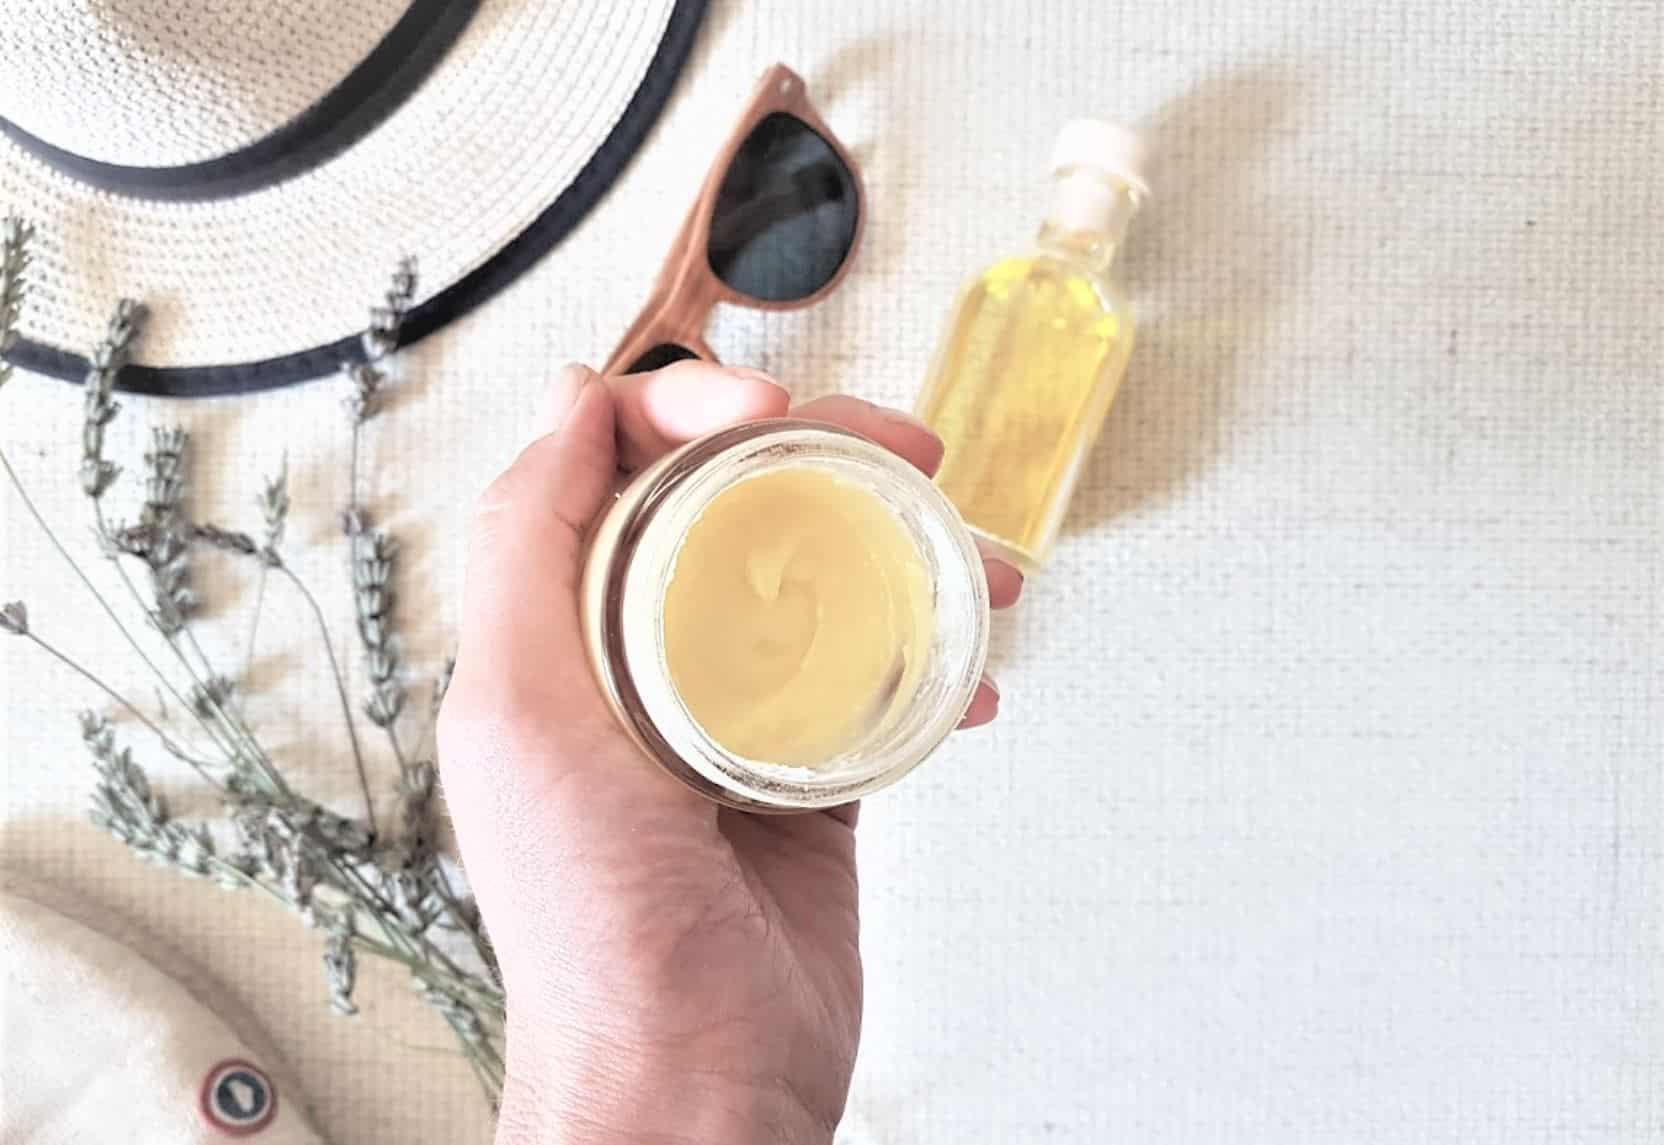 baume solaire crème soleil recette